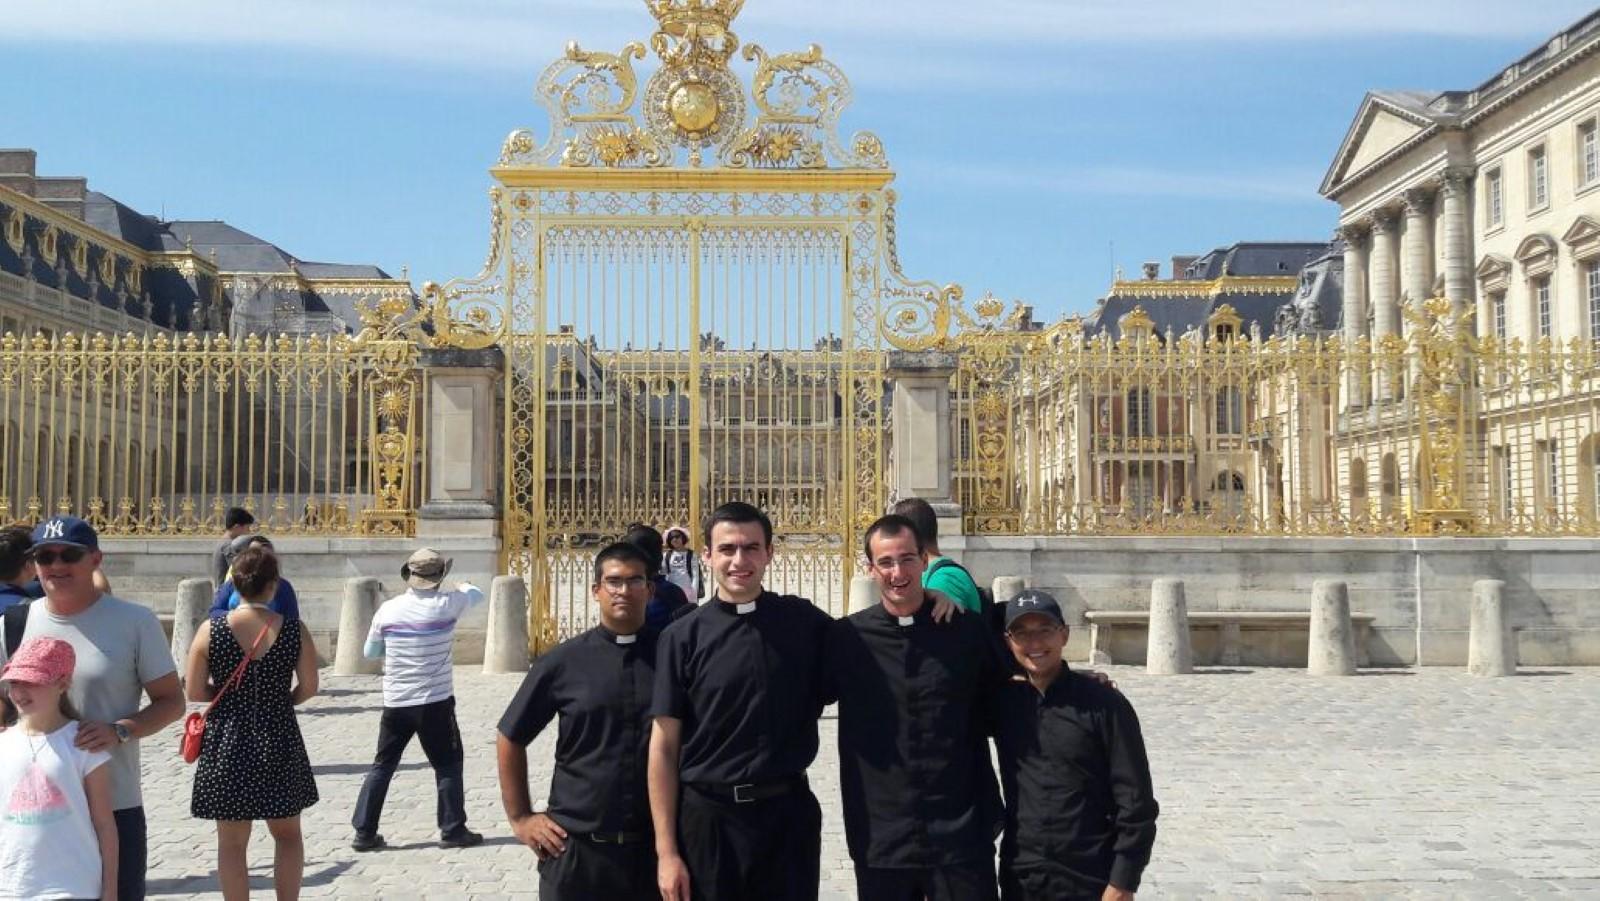 Palacio de Versailles: fue la residencia de los reyes por mucho tiempo (a las afueras de Paris)